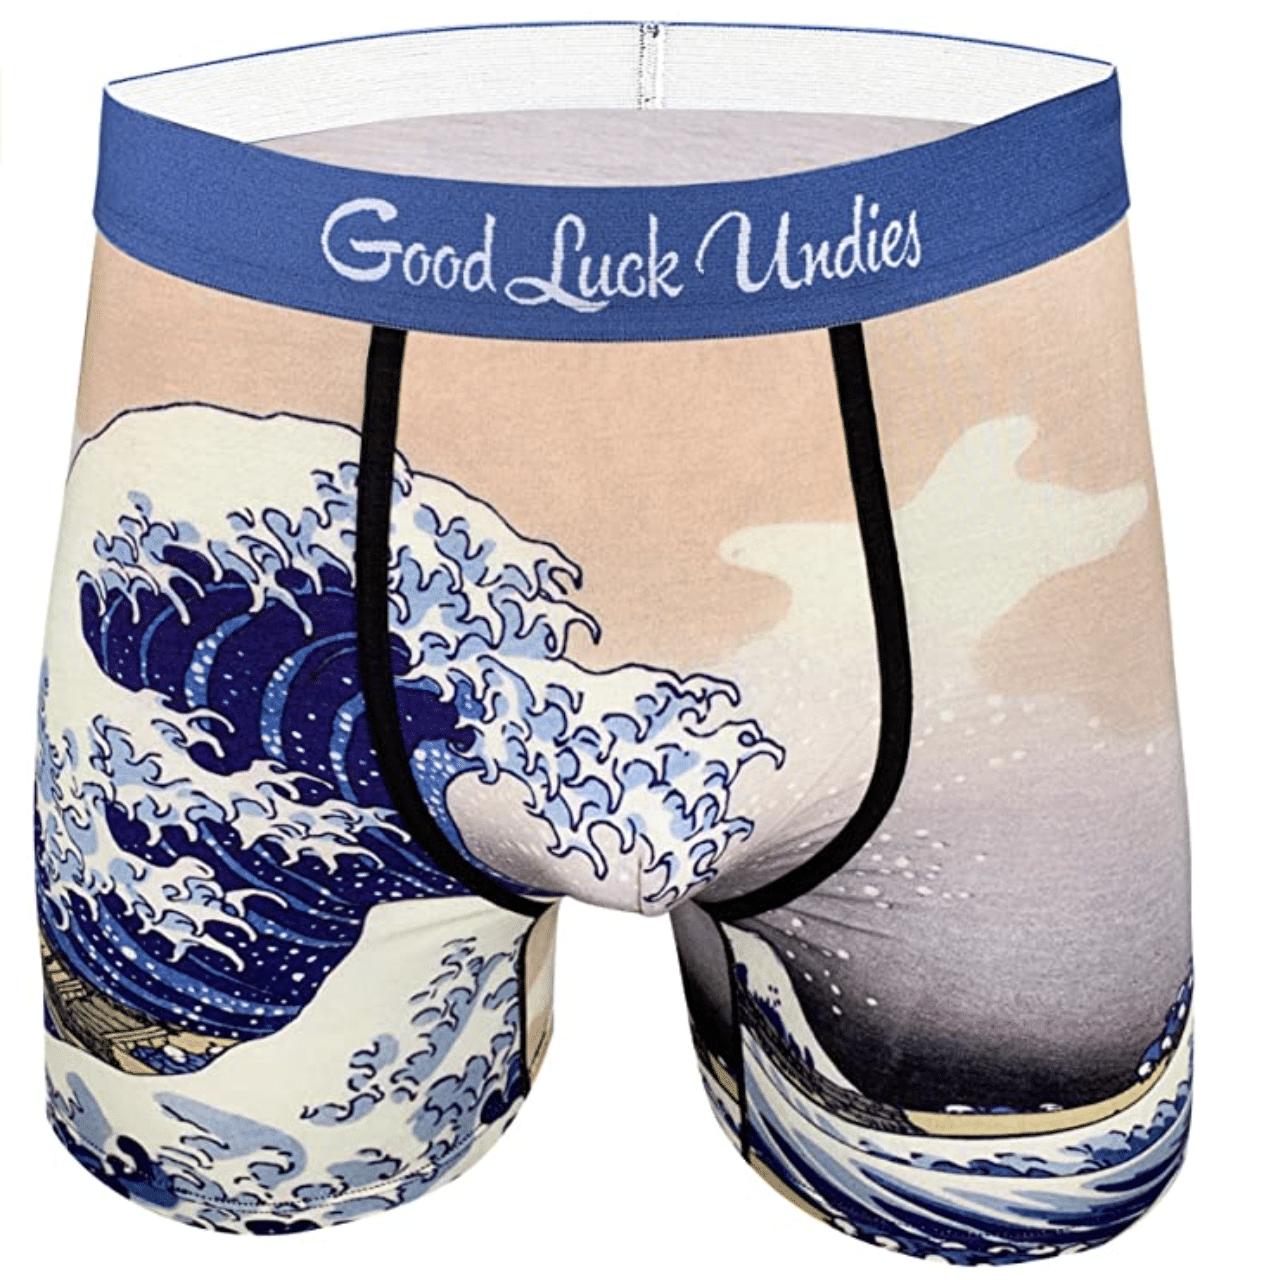 good-luck-gifts-undies